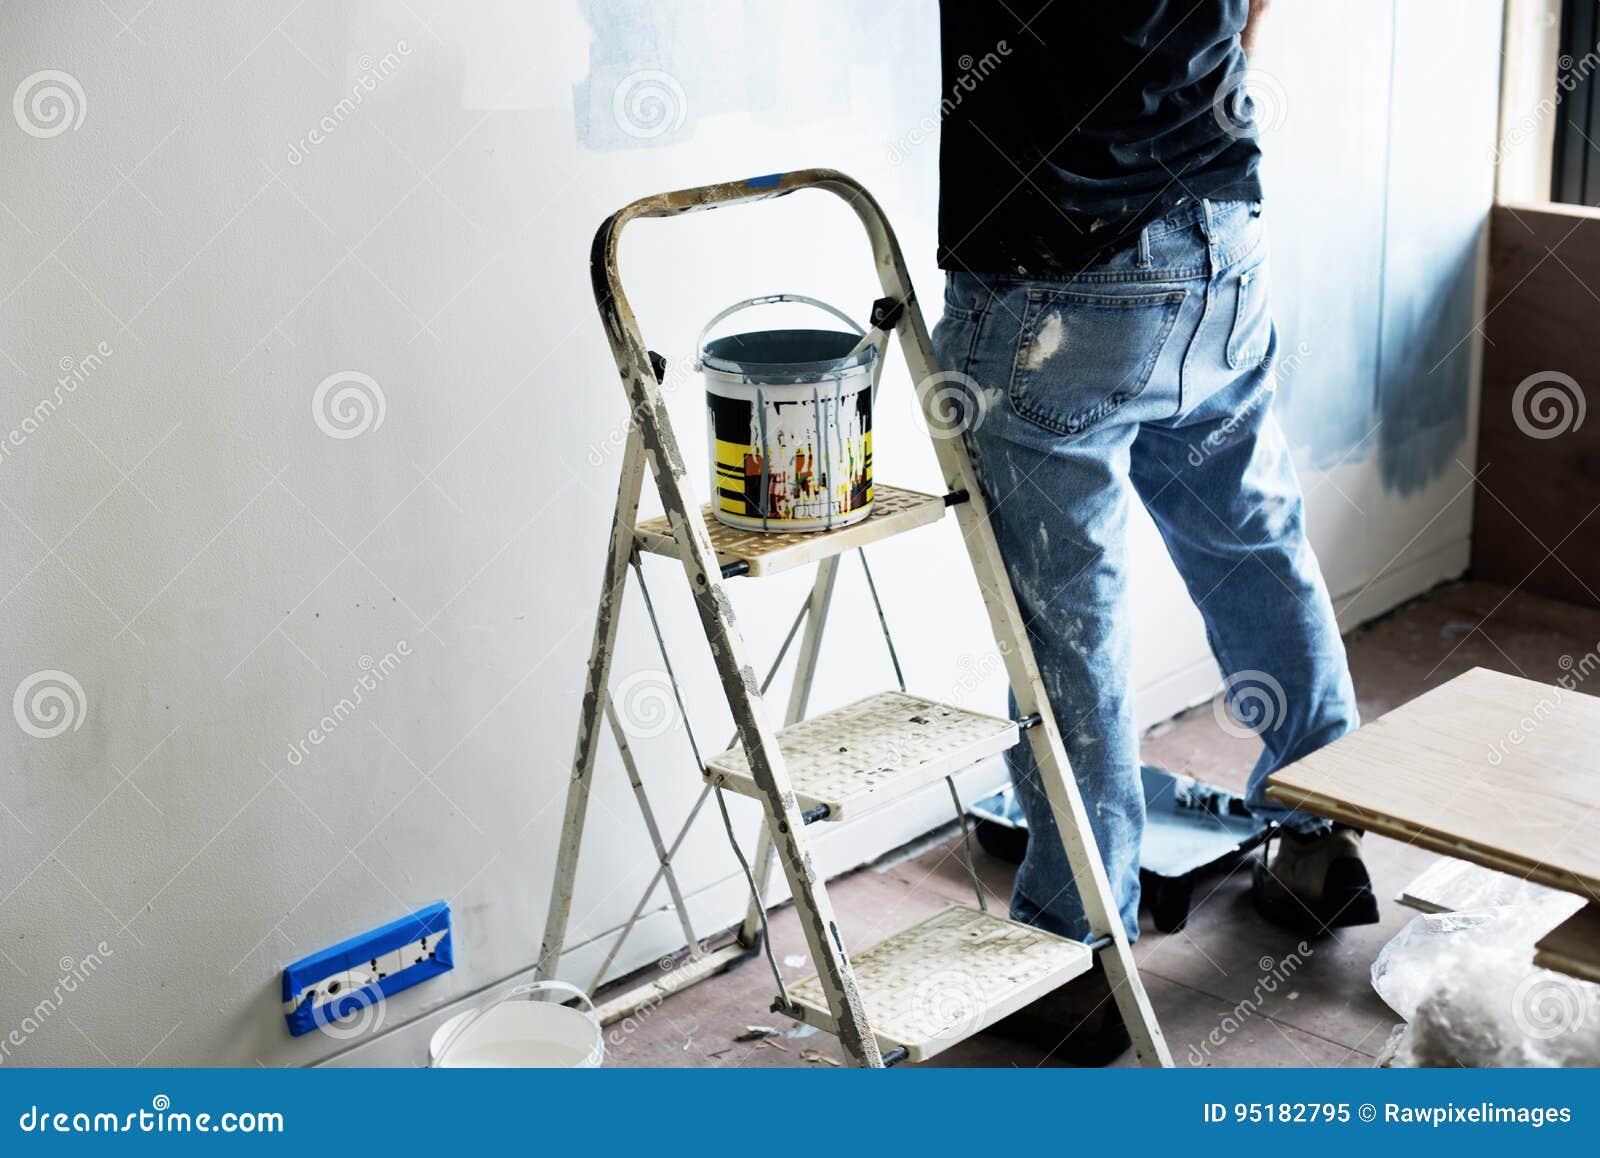 Vernice per interni di rinnovamento interno della stanza immagine stock immagine 95182795 - Vernice per muro interno ...